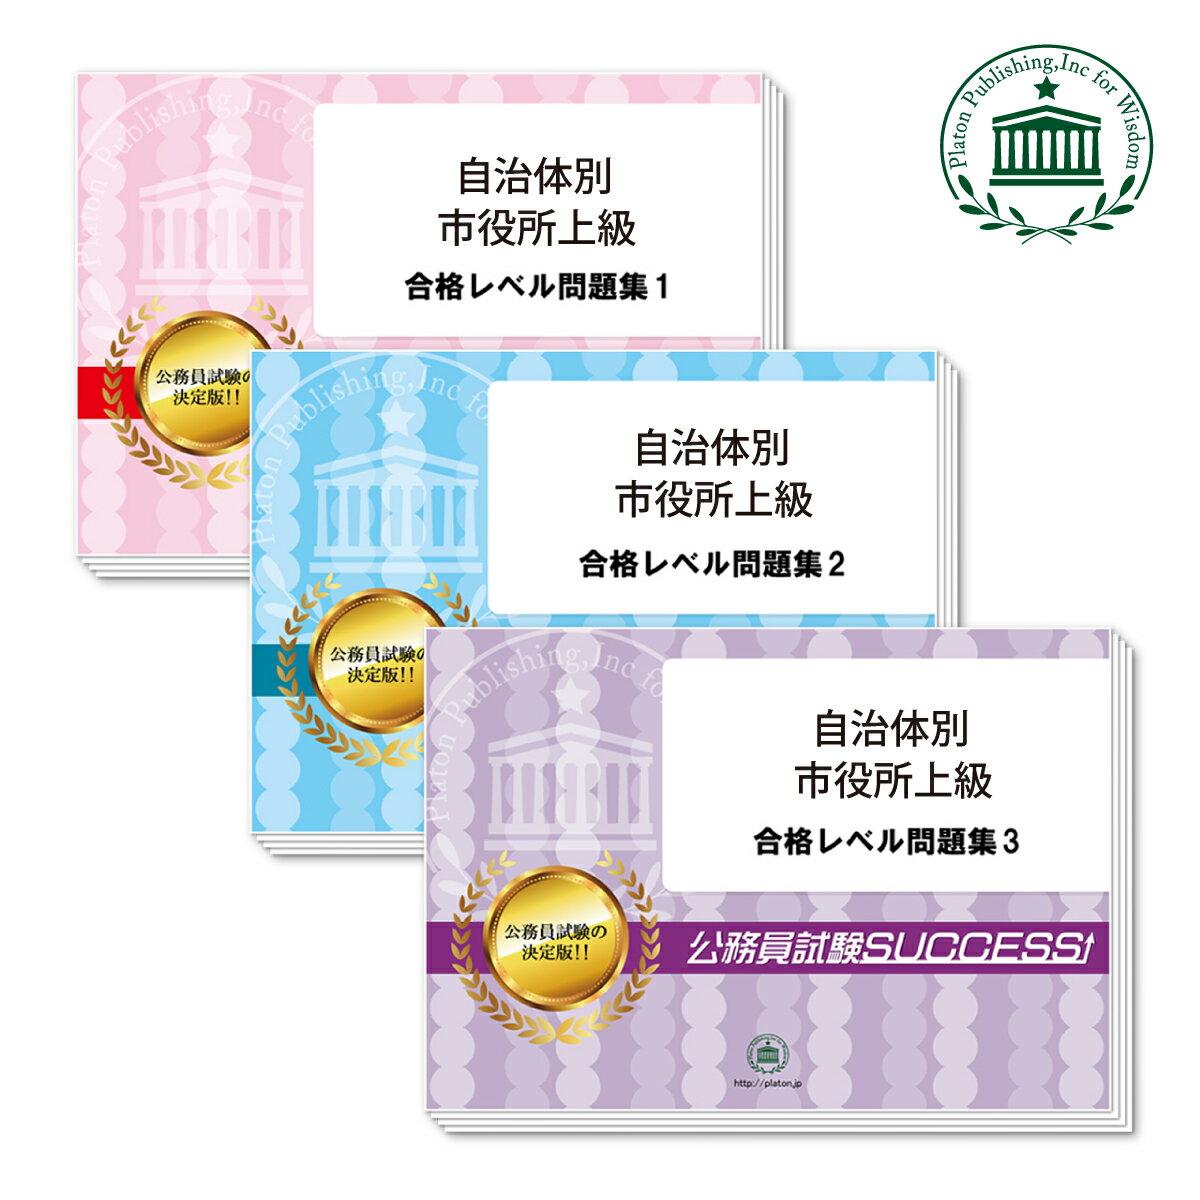 【送料・代引手数料無料】釧路市職員採用(大学卒)教養試験合格セット